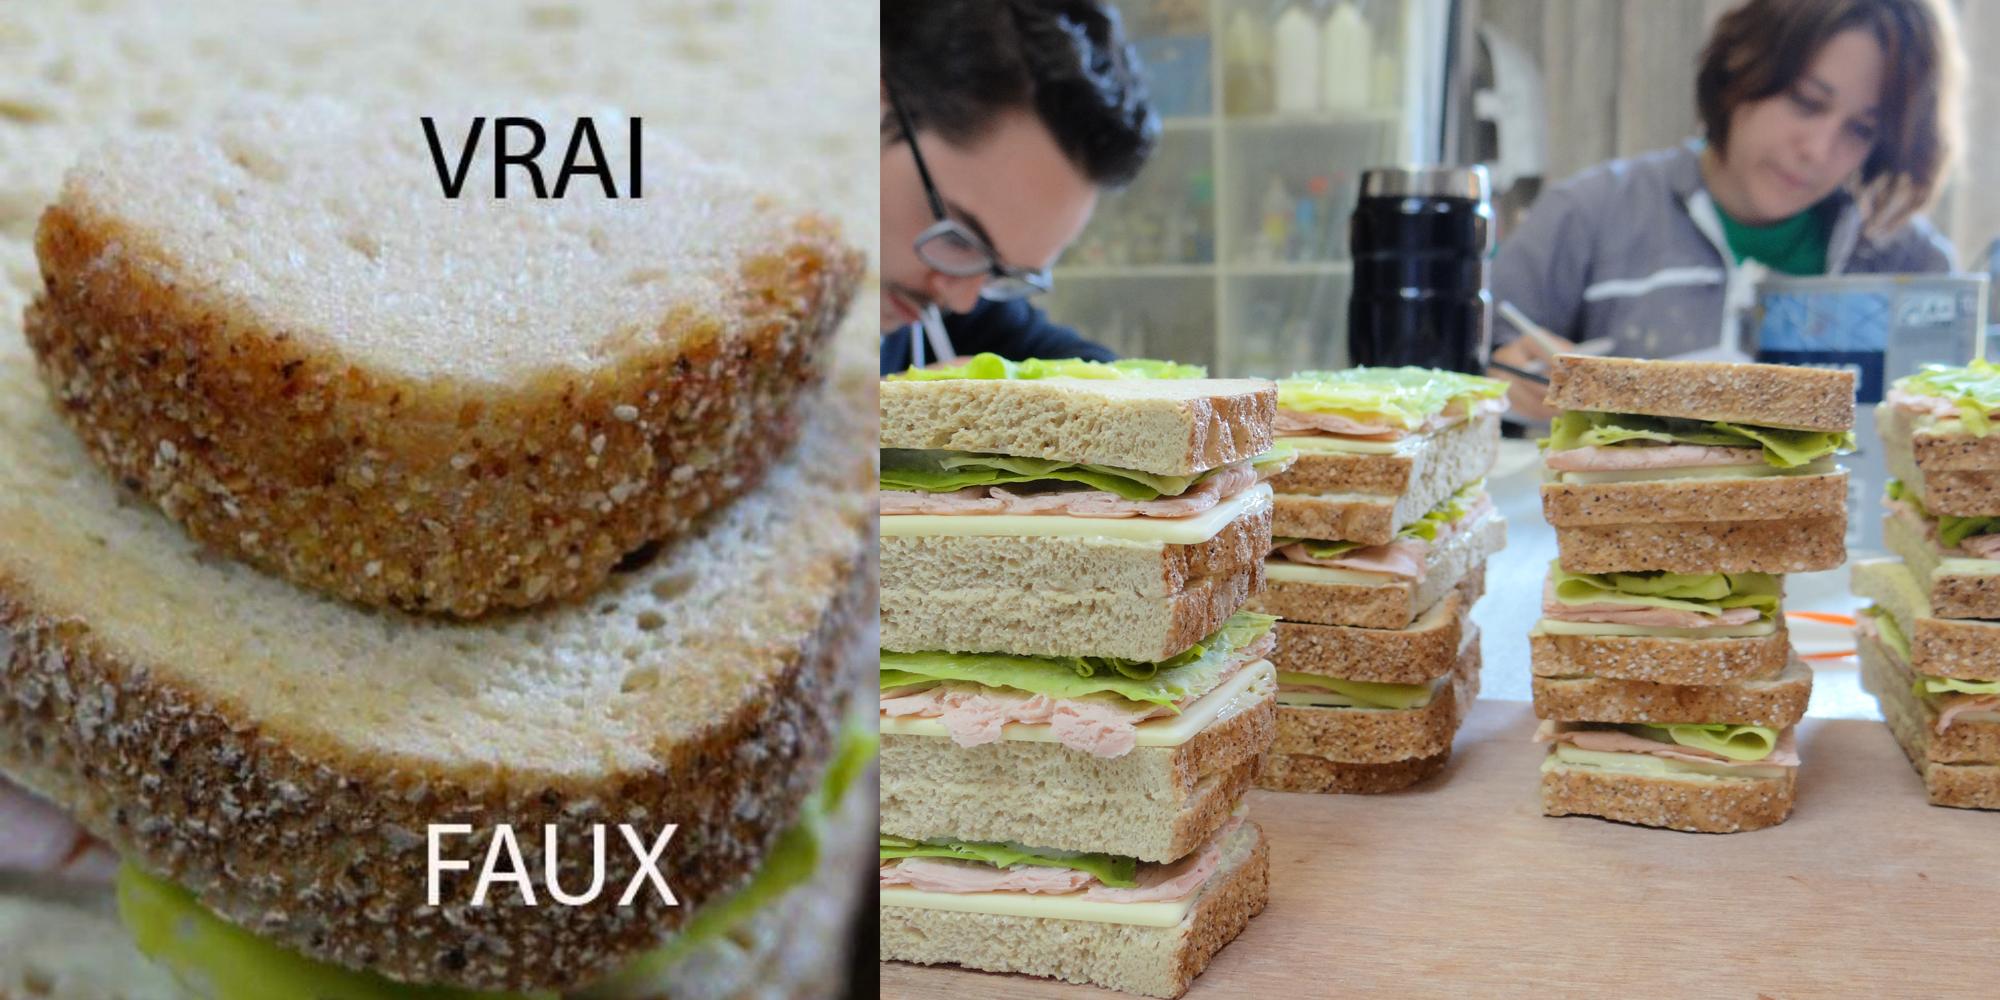 étape de travail de réalisation de factices alimentaires de sandwichs en résine à l'Atelier COBALT Fx avec comparaison du vrai et faux pain de mie